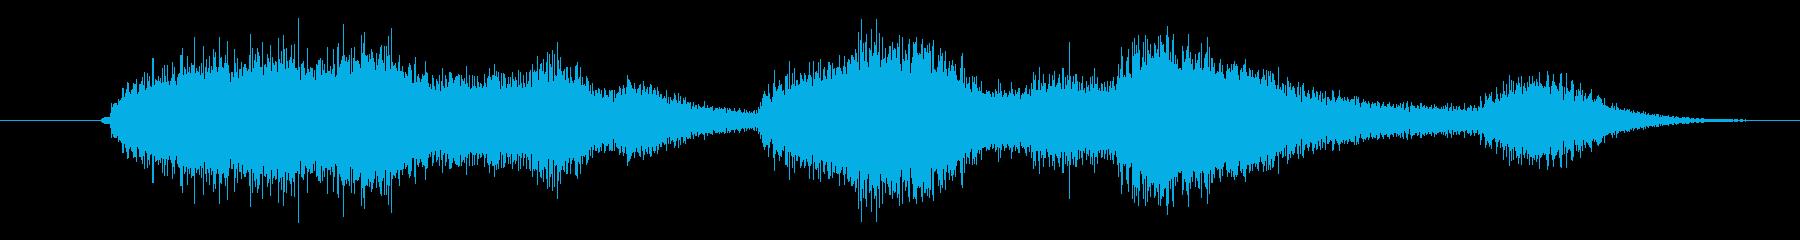 SCI-FI ELECTRONIC...の再生済みの波形